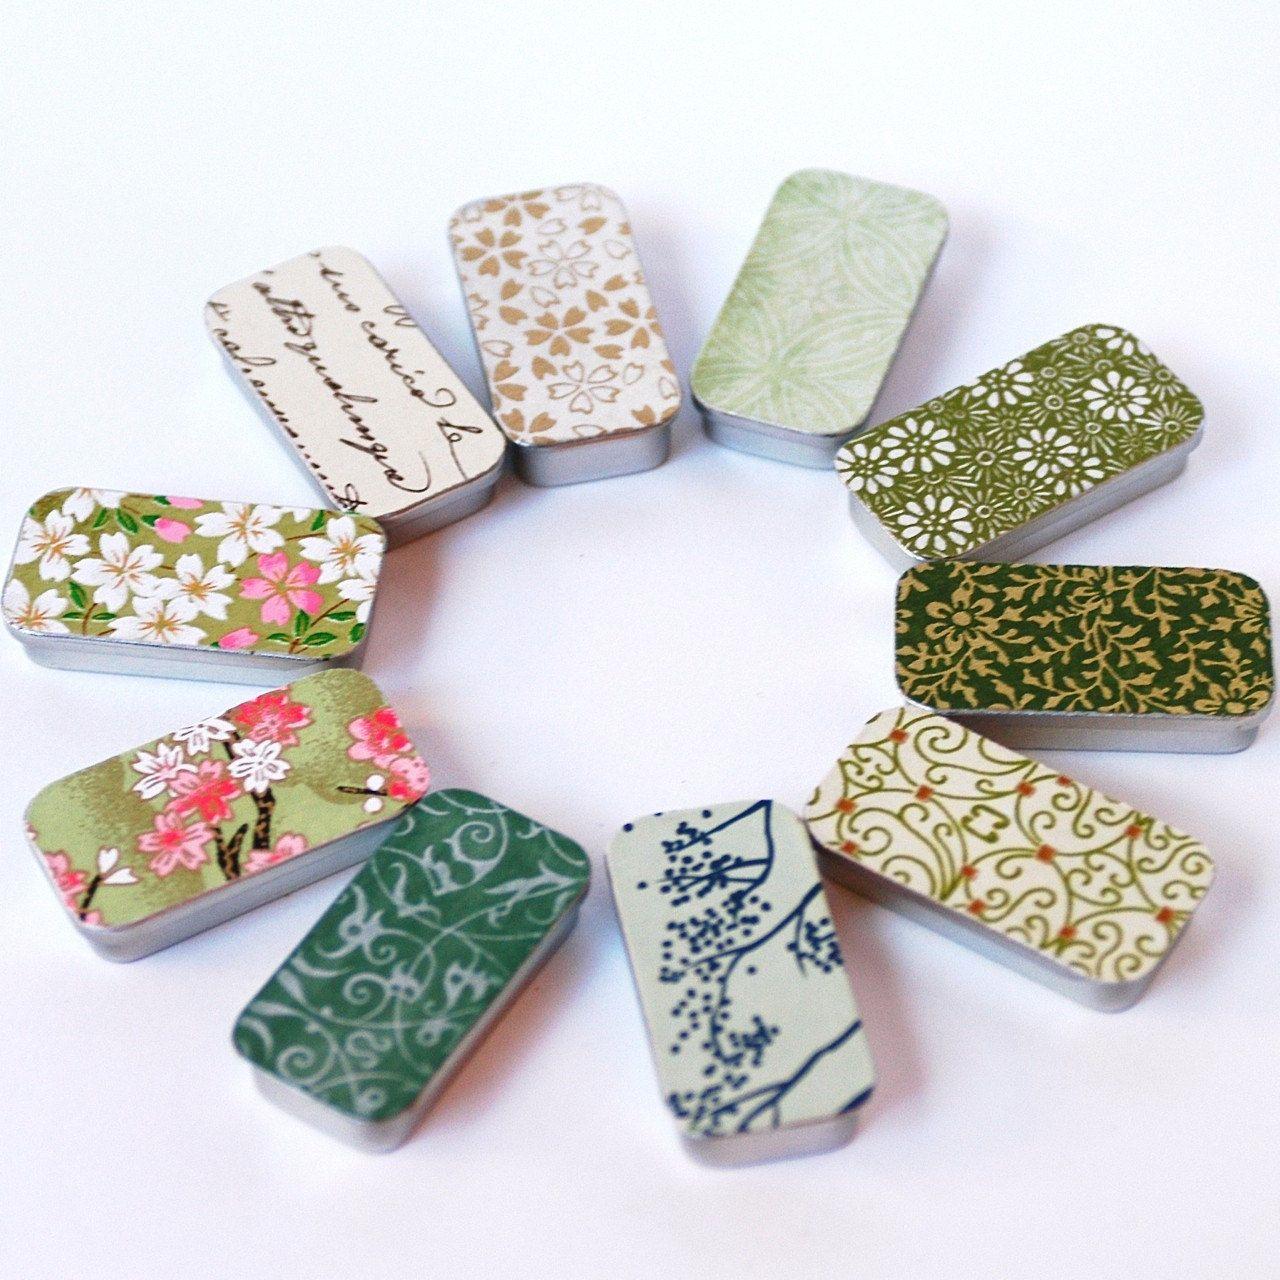 SLIDE TOP TINS 5 Hand Decorated Slide top tins- Custom Wedding Favor ...